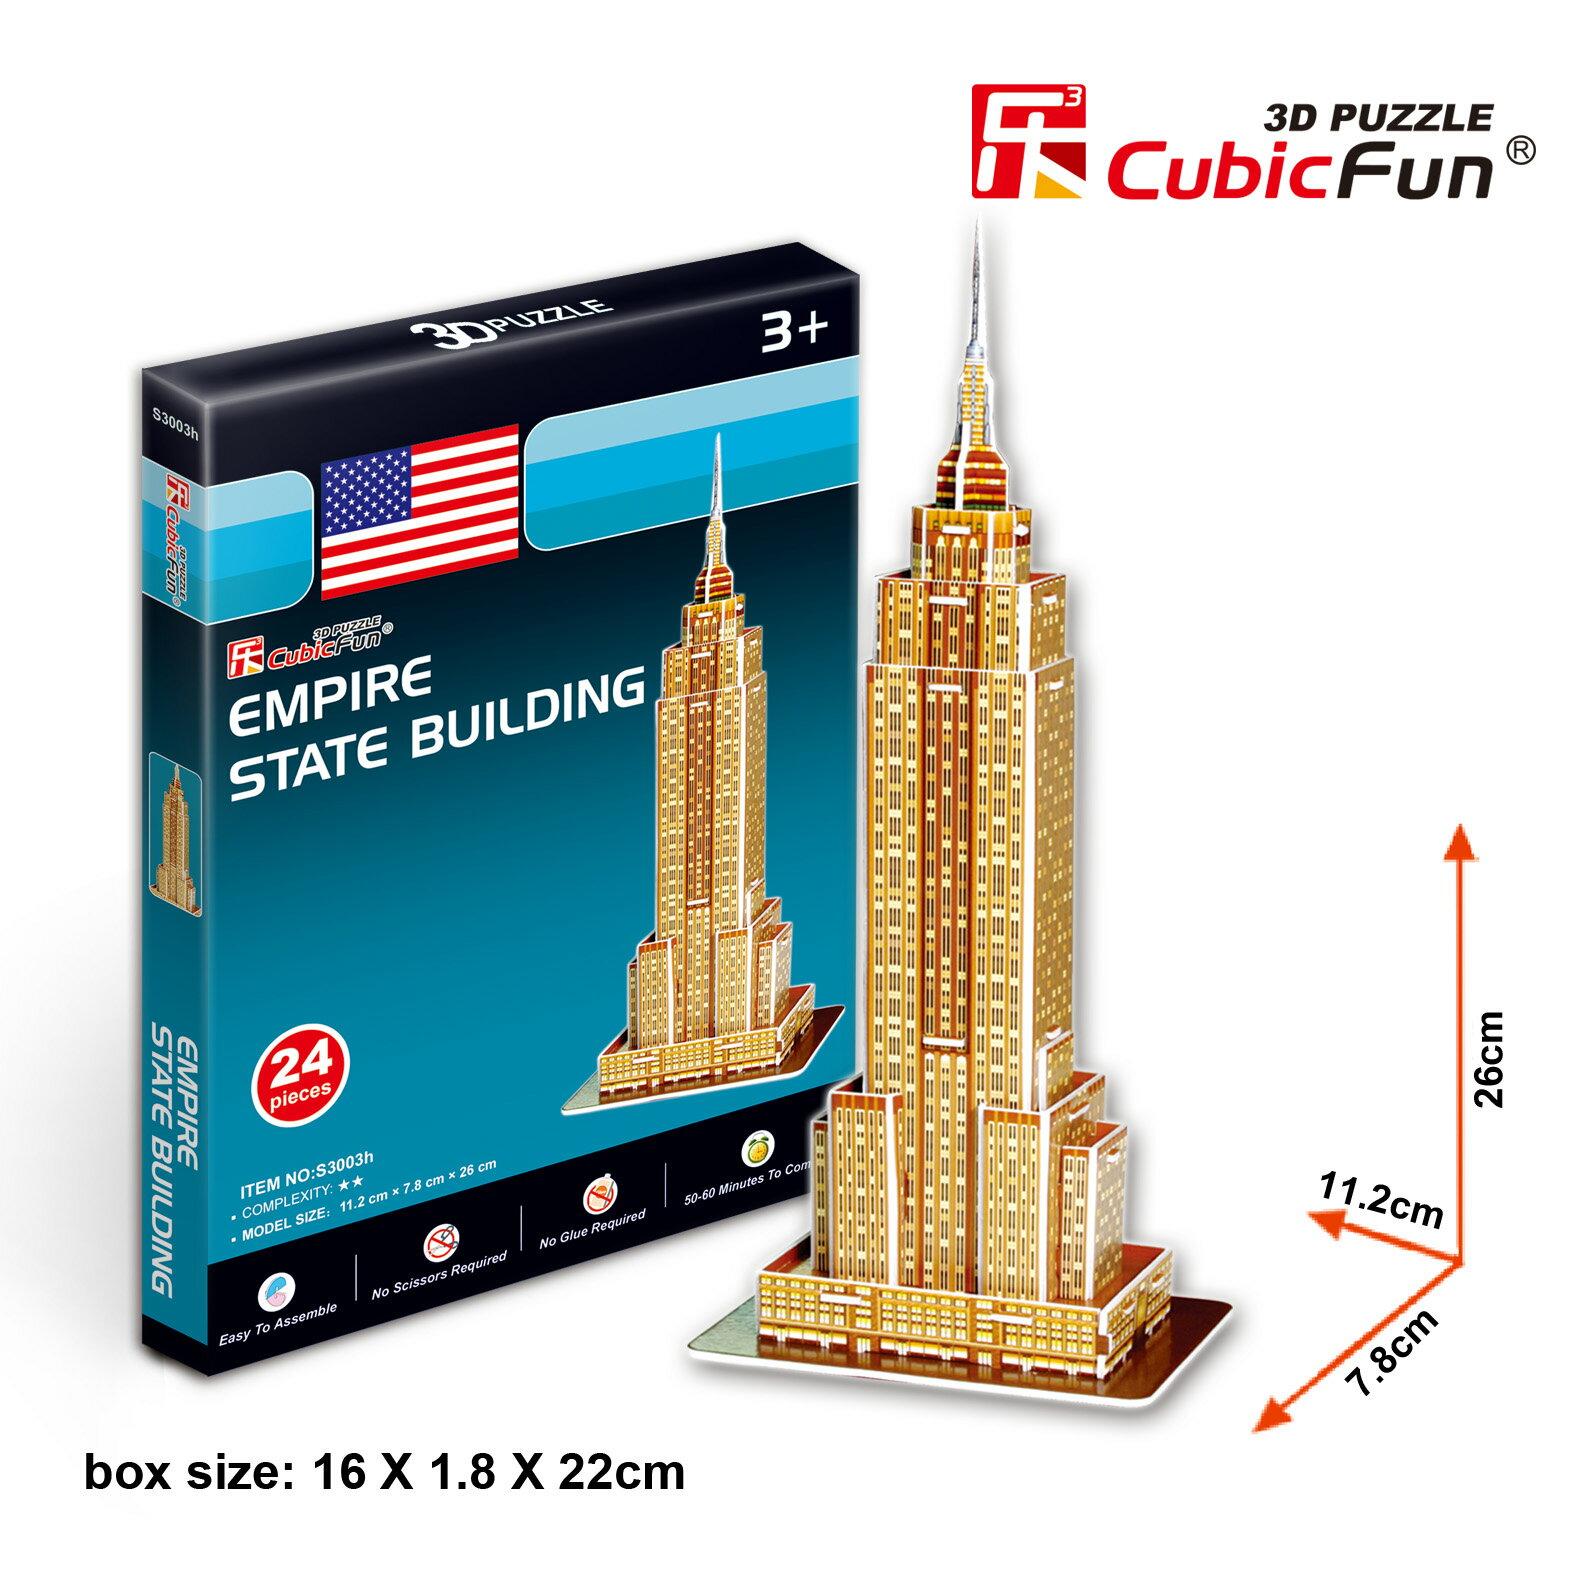 【兒童節禮物】3D Puzzle 立體拼圖 - 世界建築 【美國紐約帝國大廈】S3003 學童級 24片